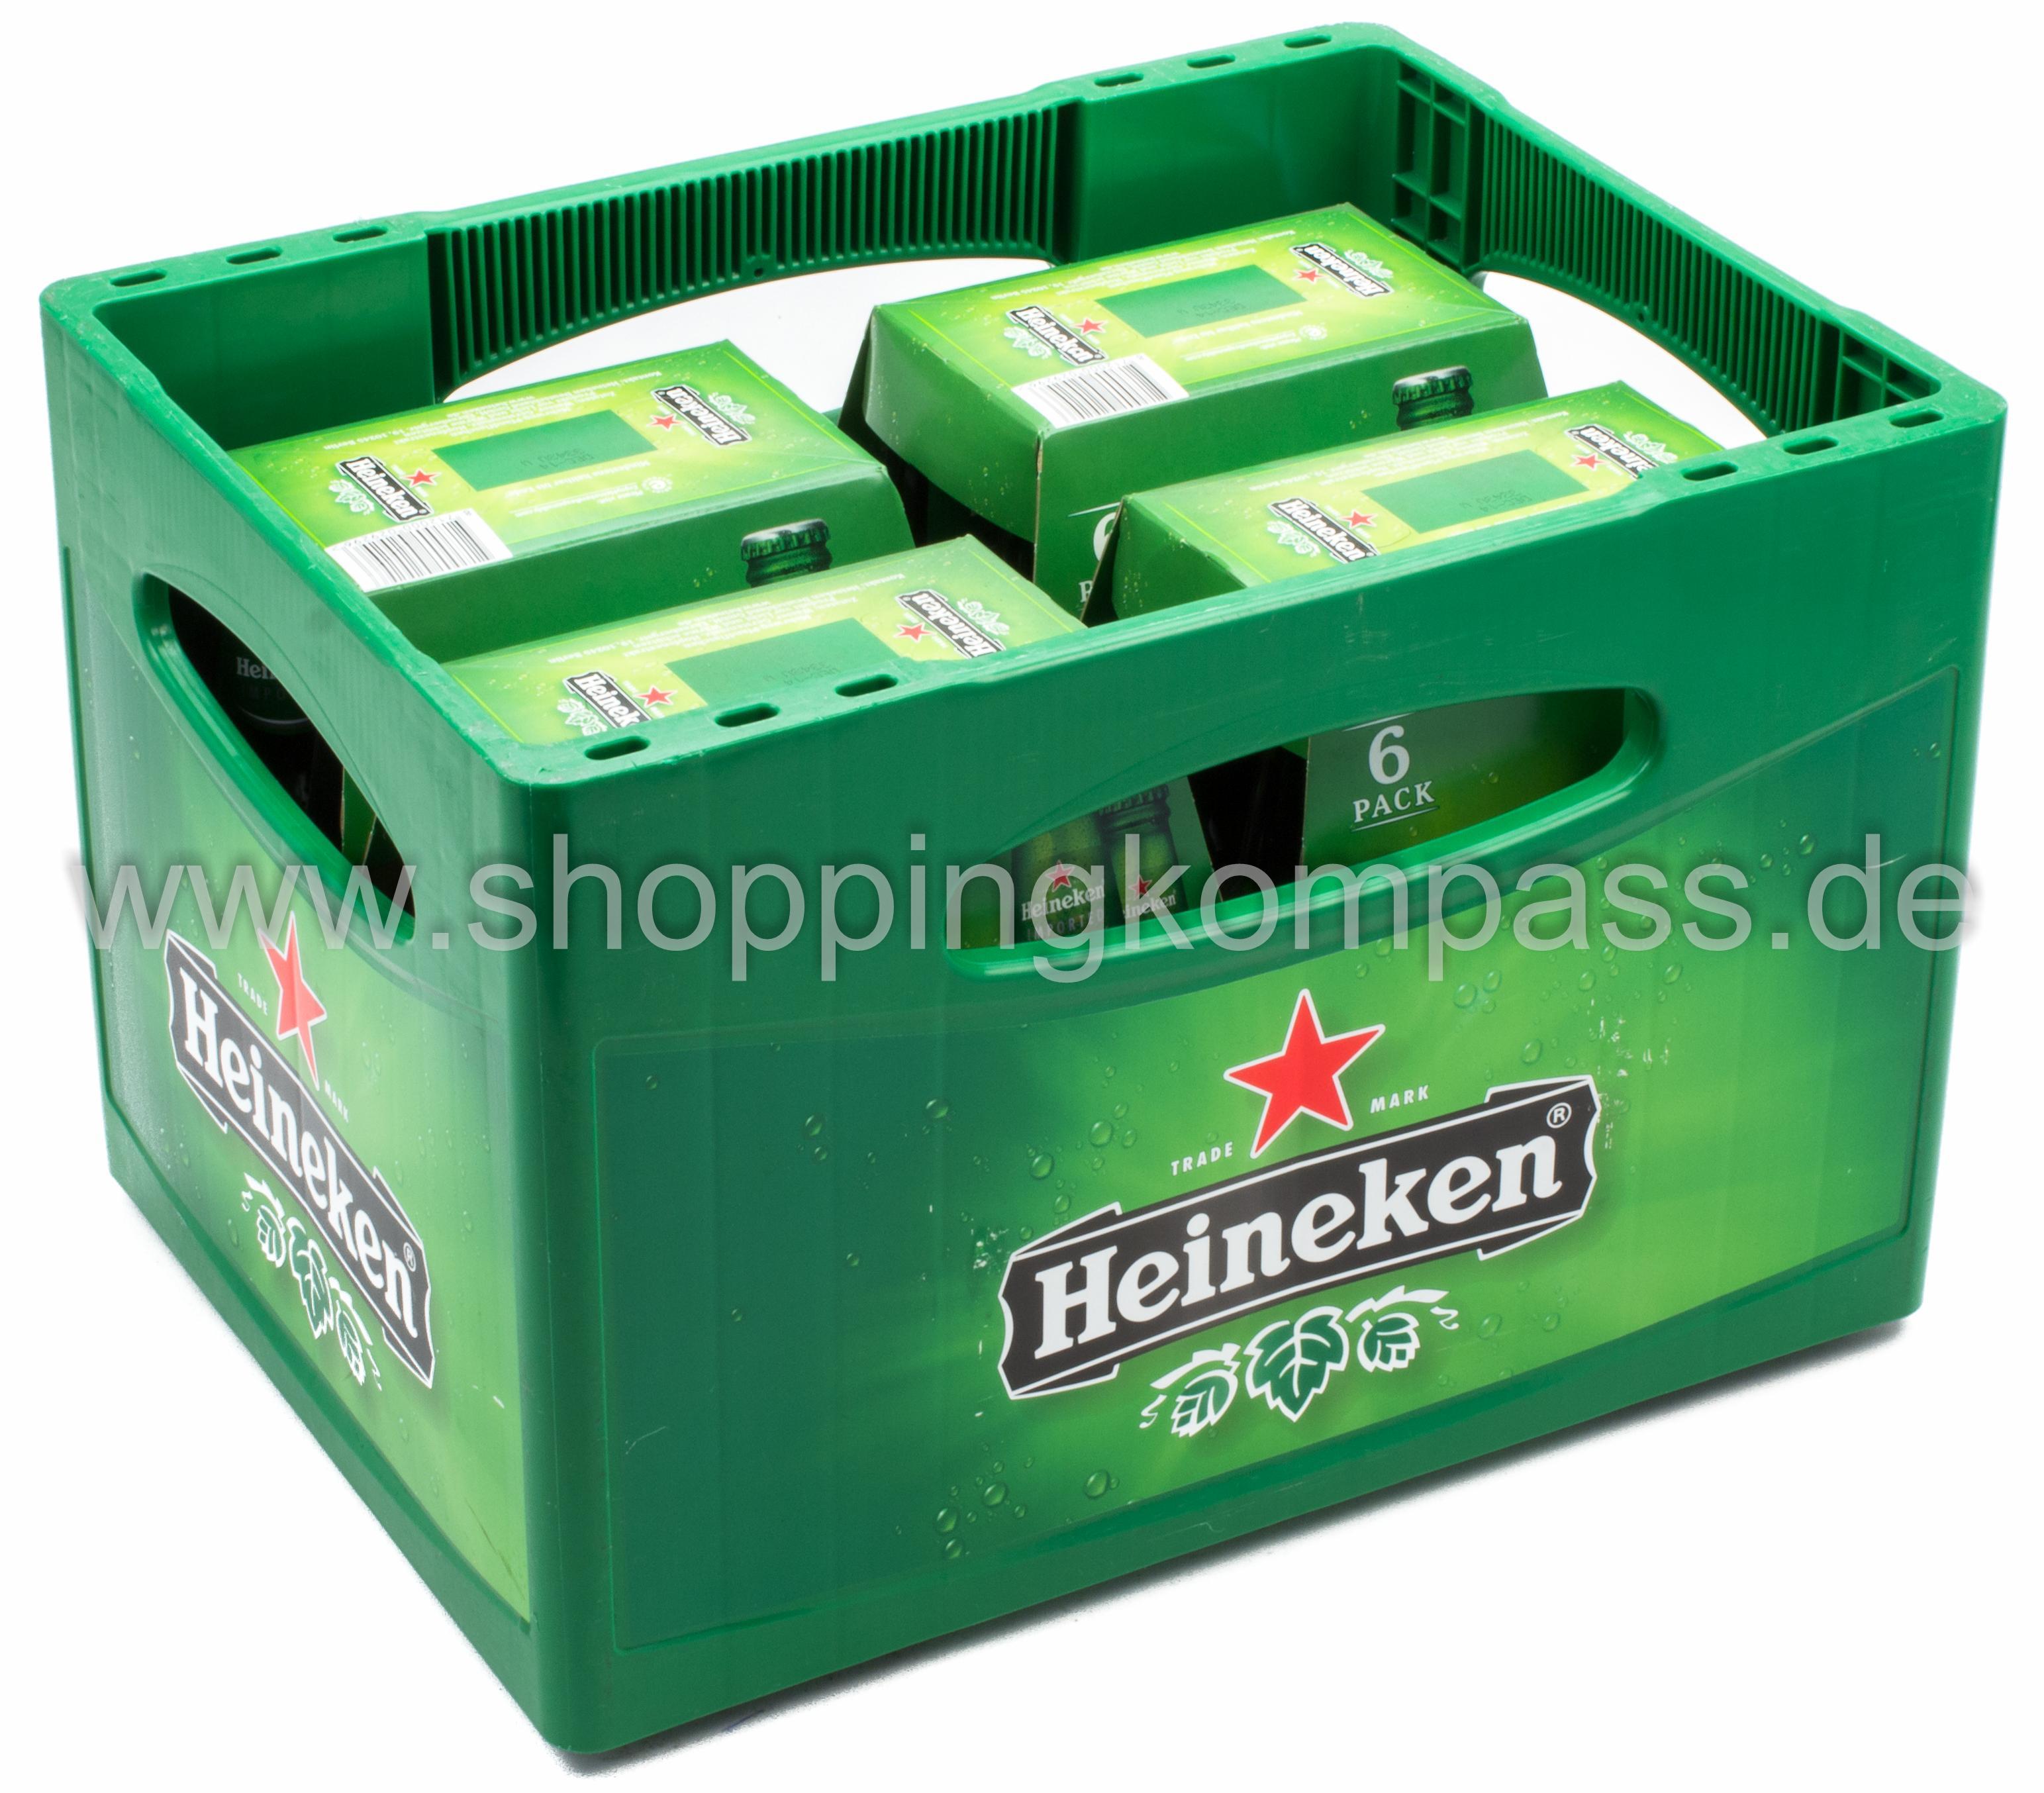 Heineken Kasten 4 X 6 X 033 L Glas Mehrweg